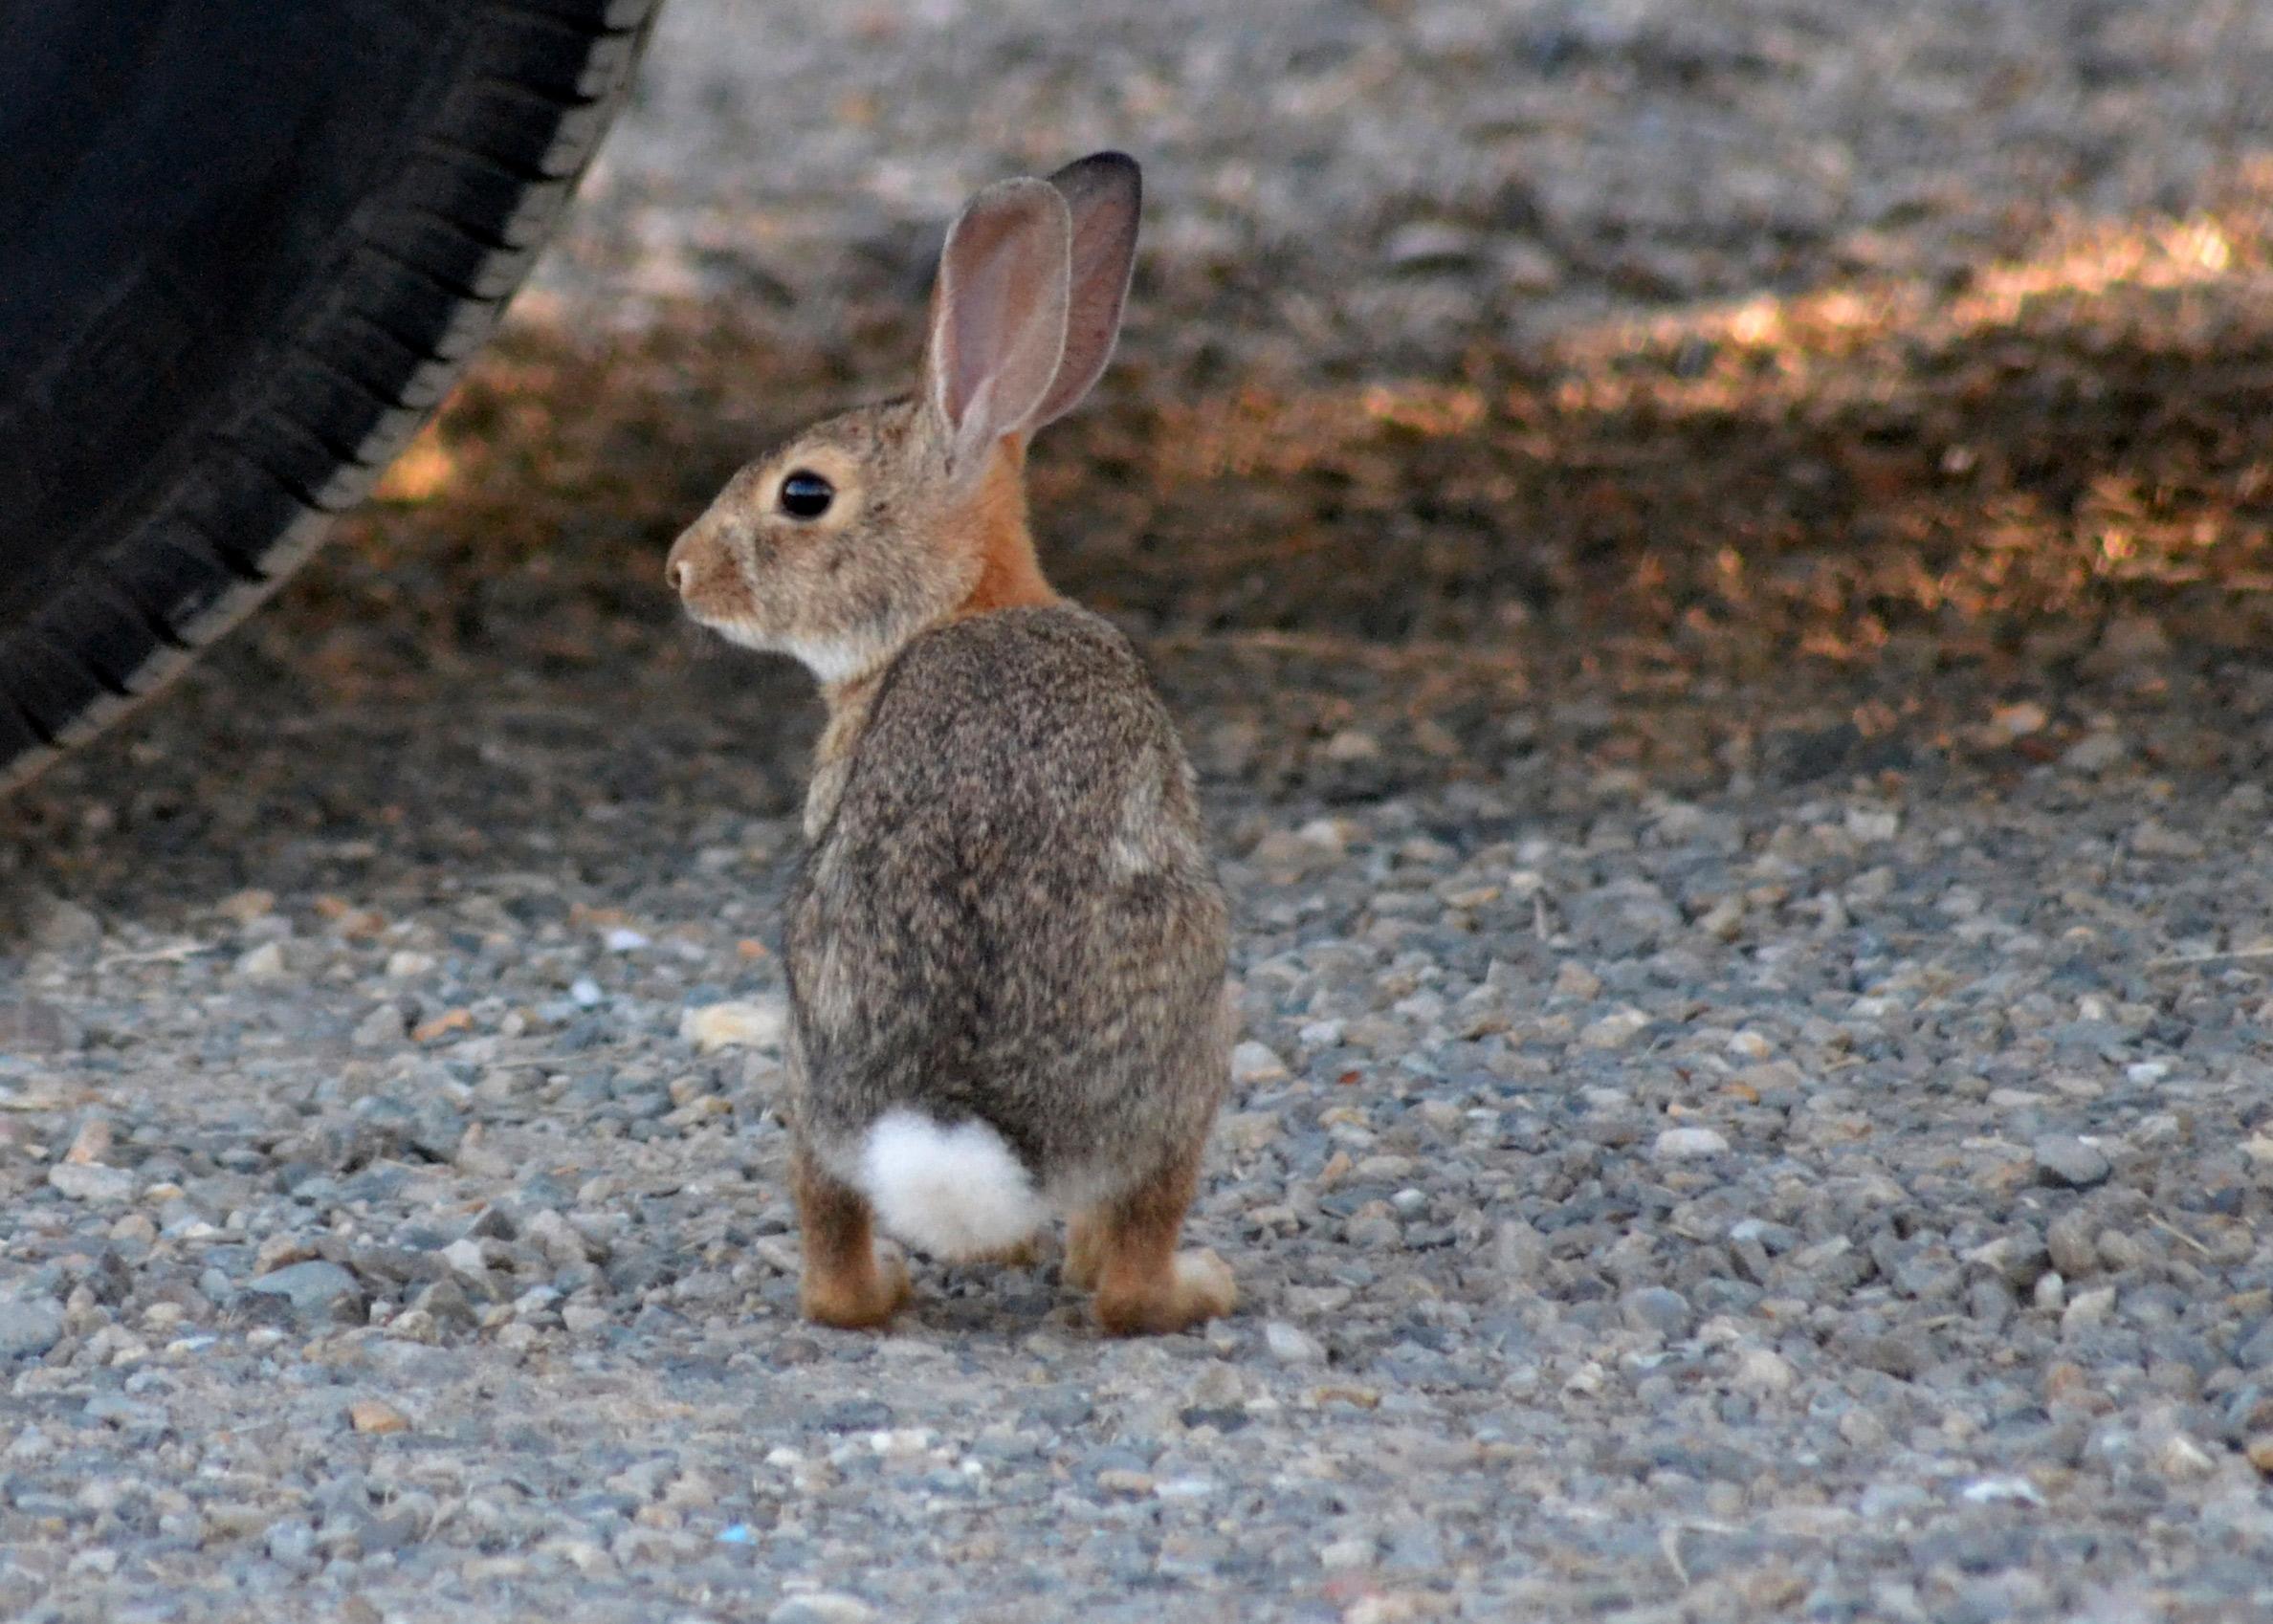 Bunny-1_6_13